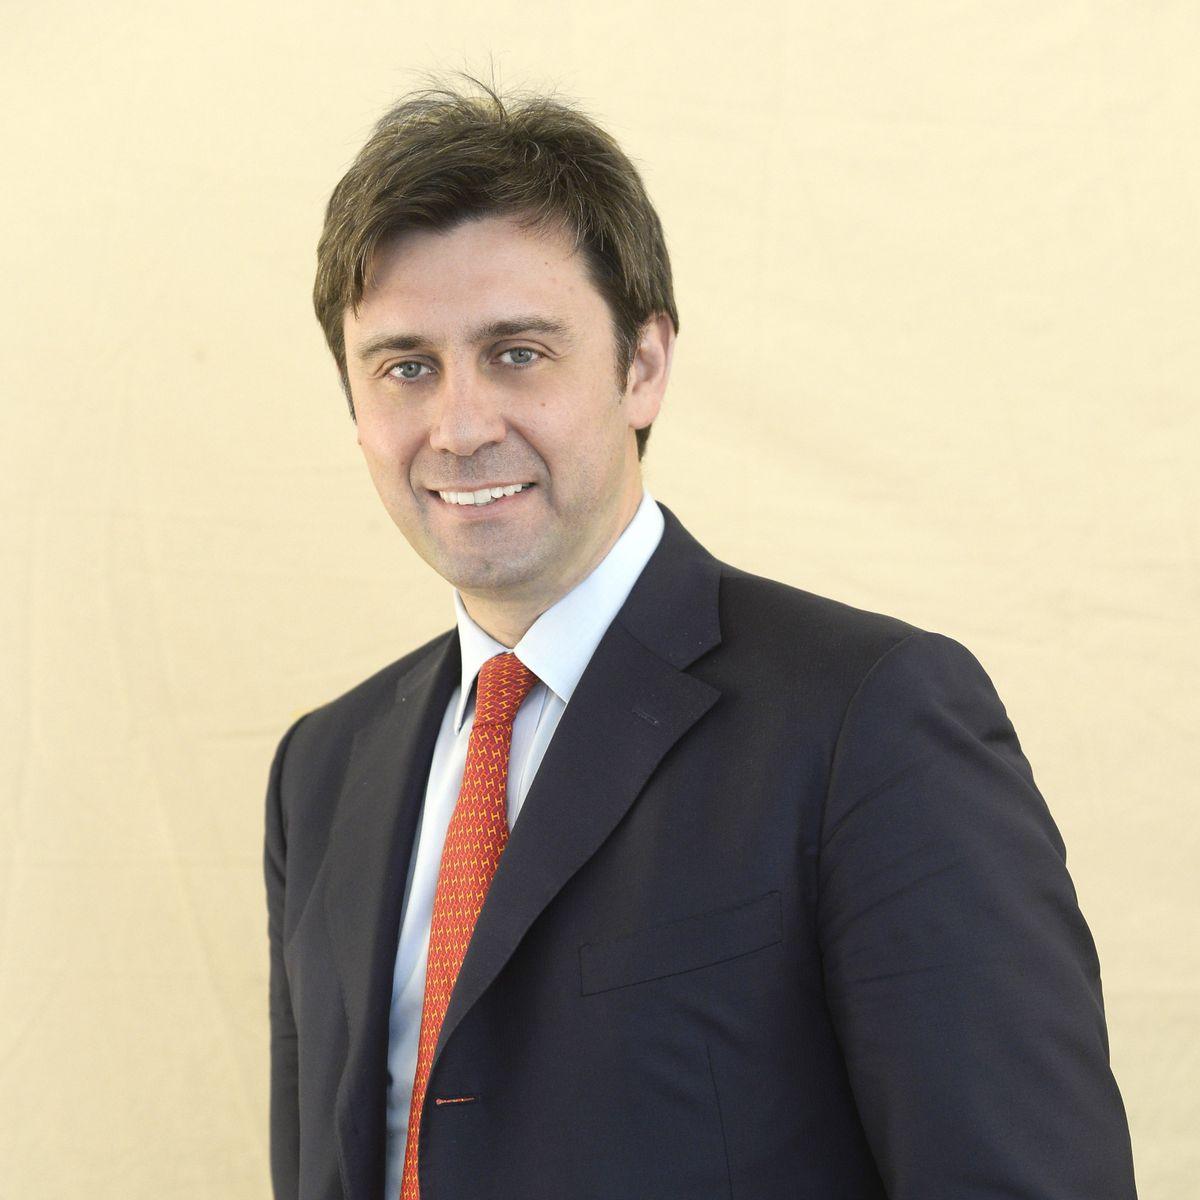 Alessandro Ciarcia